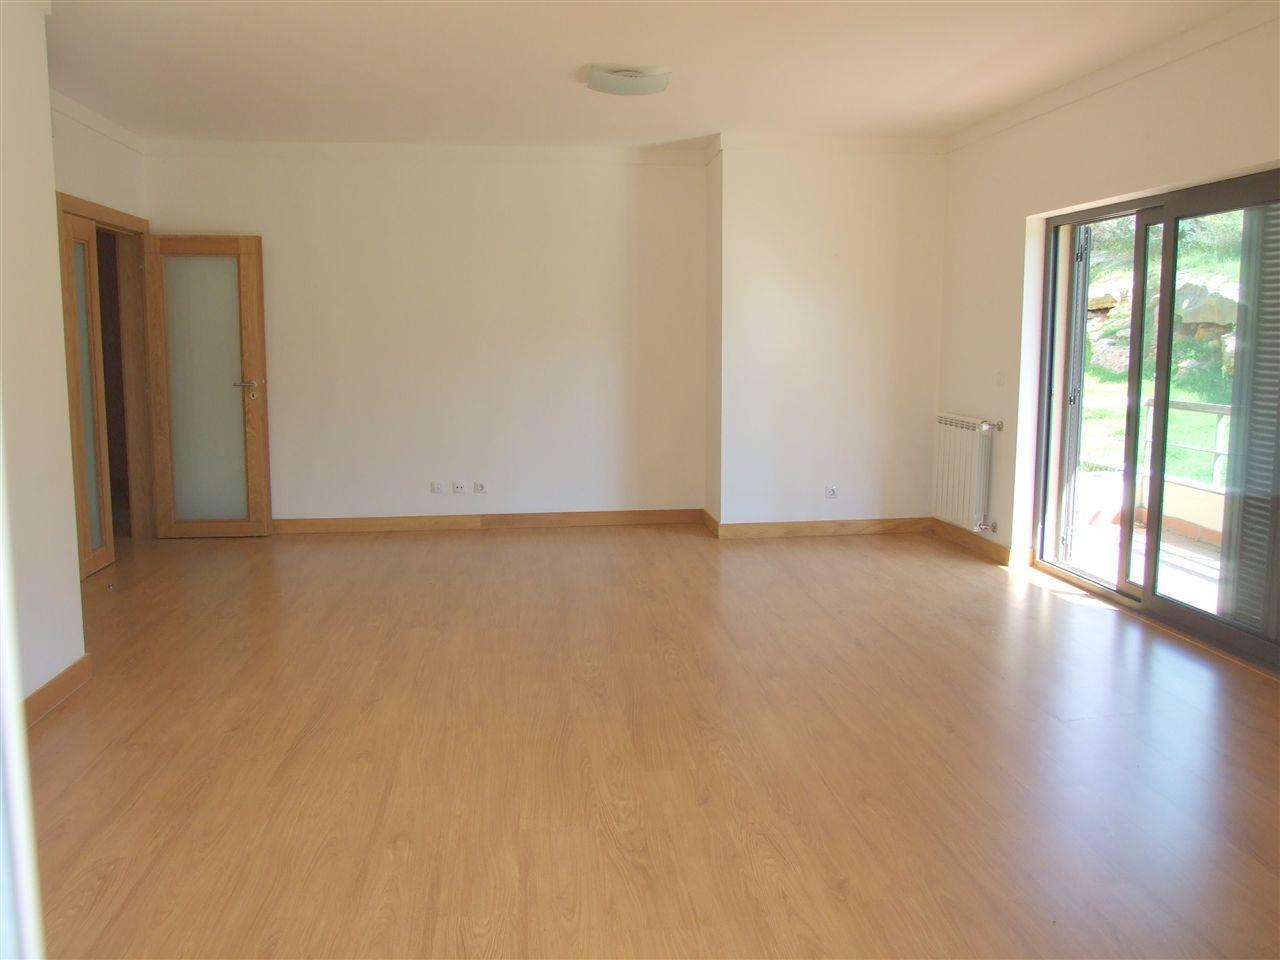 아파트 용 매매 에 Flat, 3 bedrooms, for Sale Cascais, 리스보아, 포르투갈